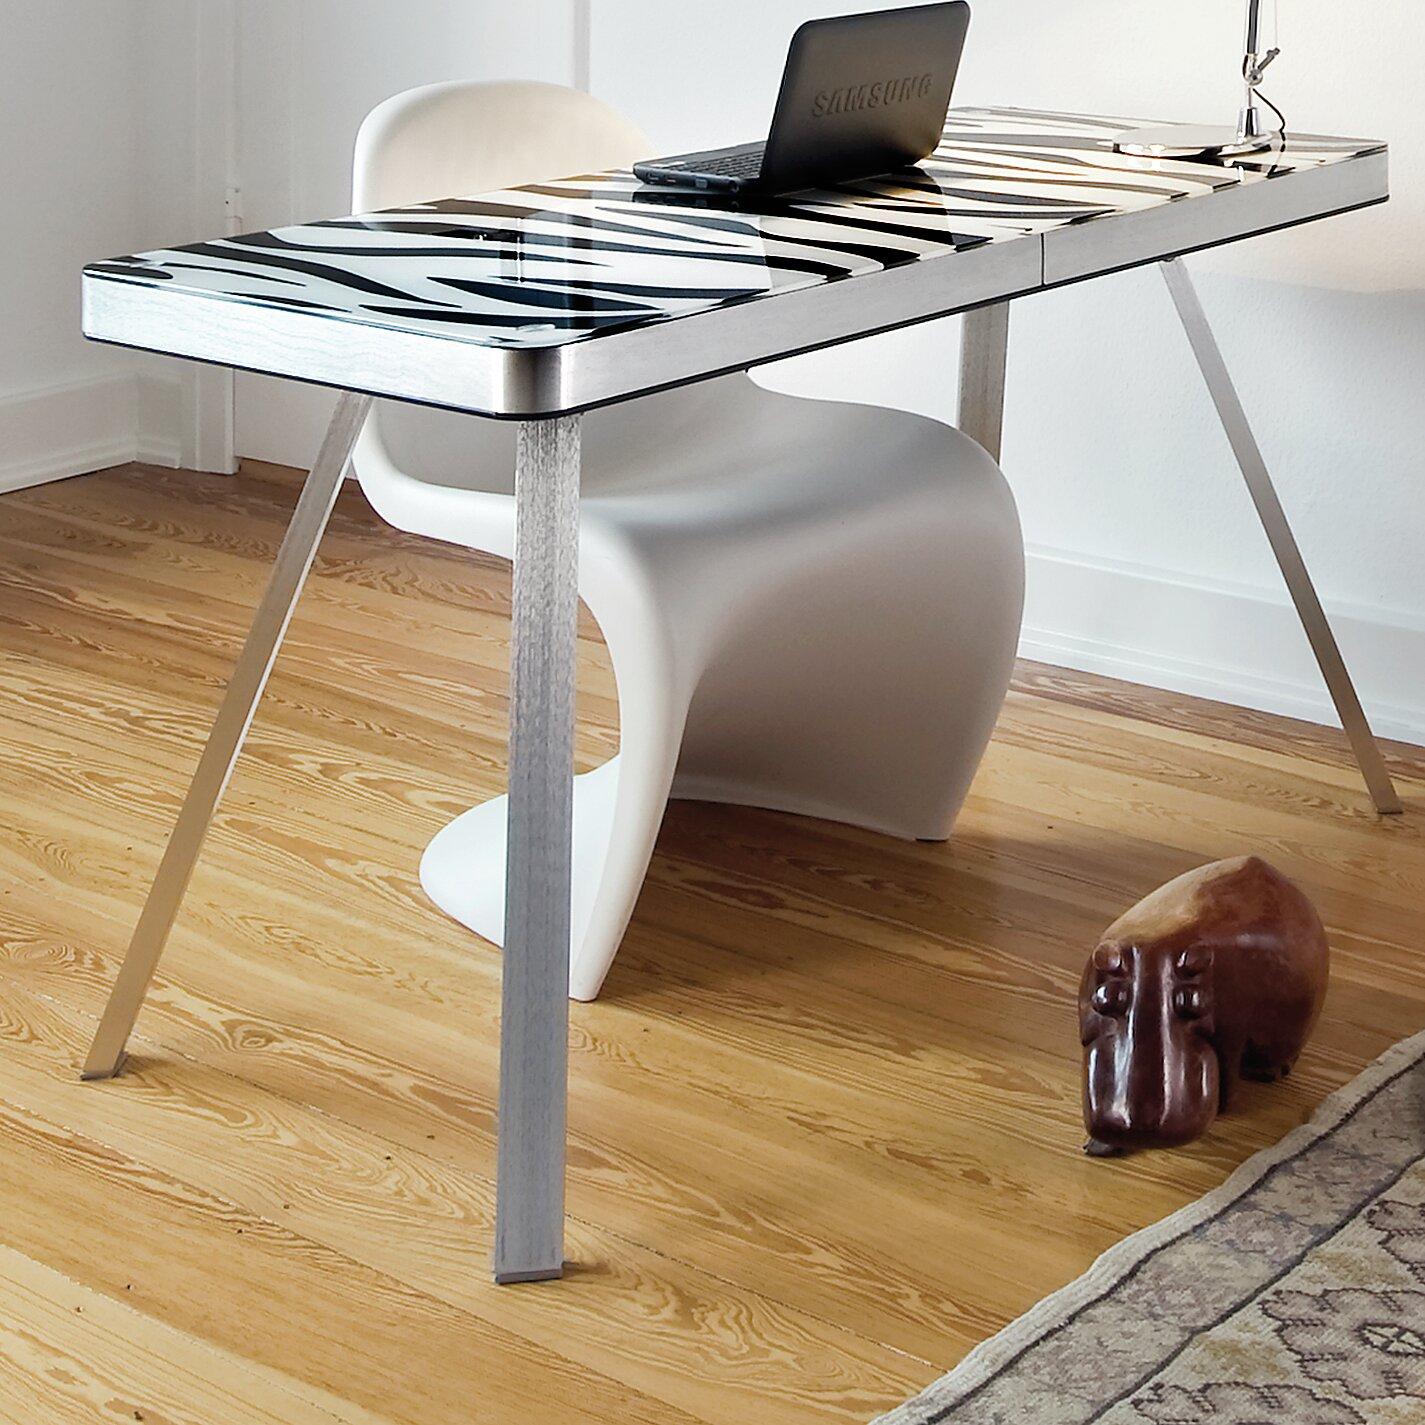 Jahnke smart writing desk with 1 drawer reviews for Schreibtisch jahnke